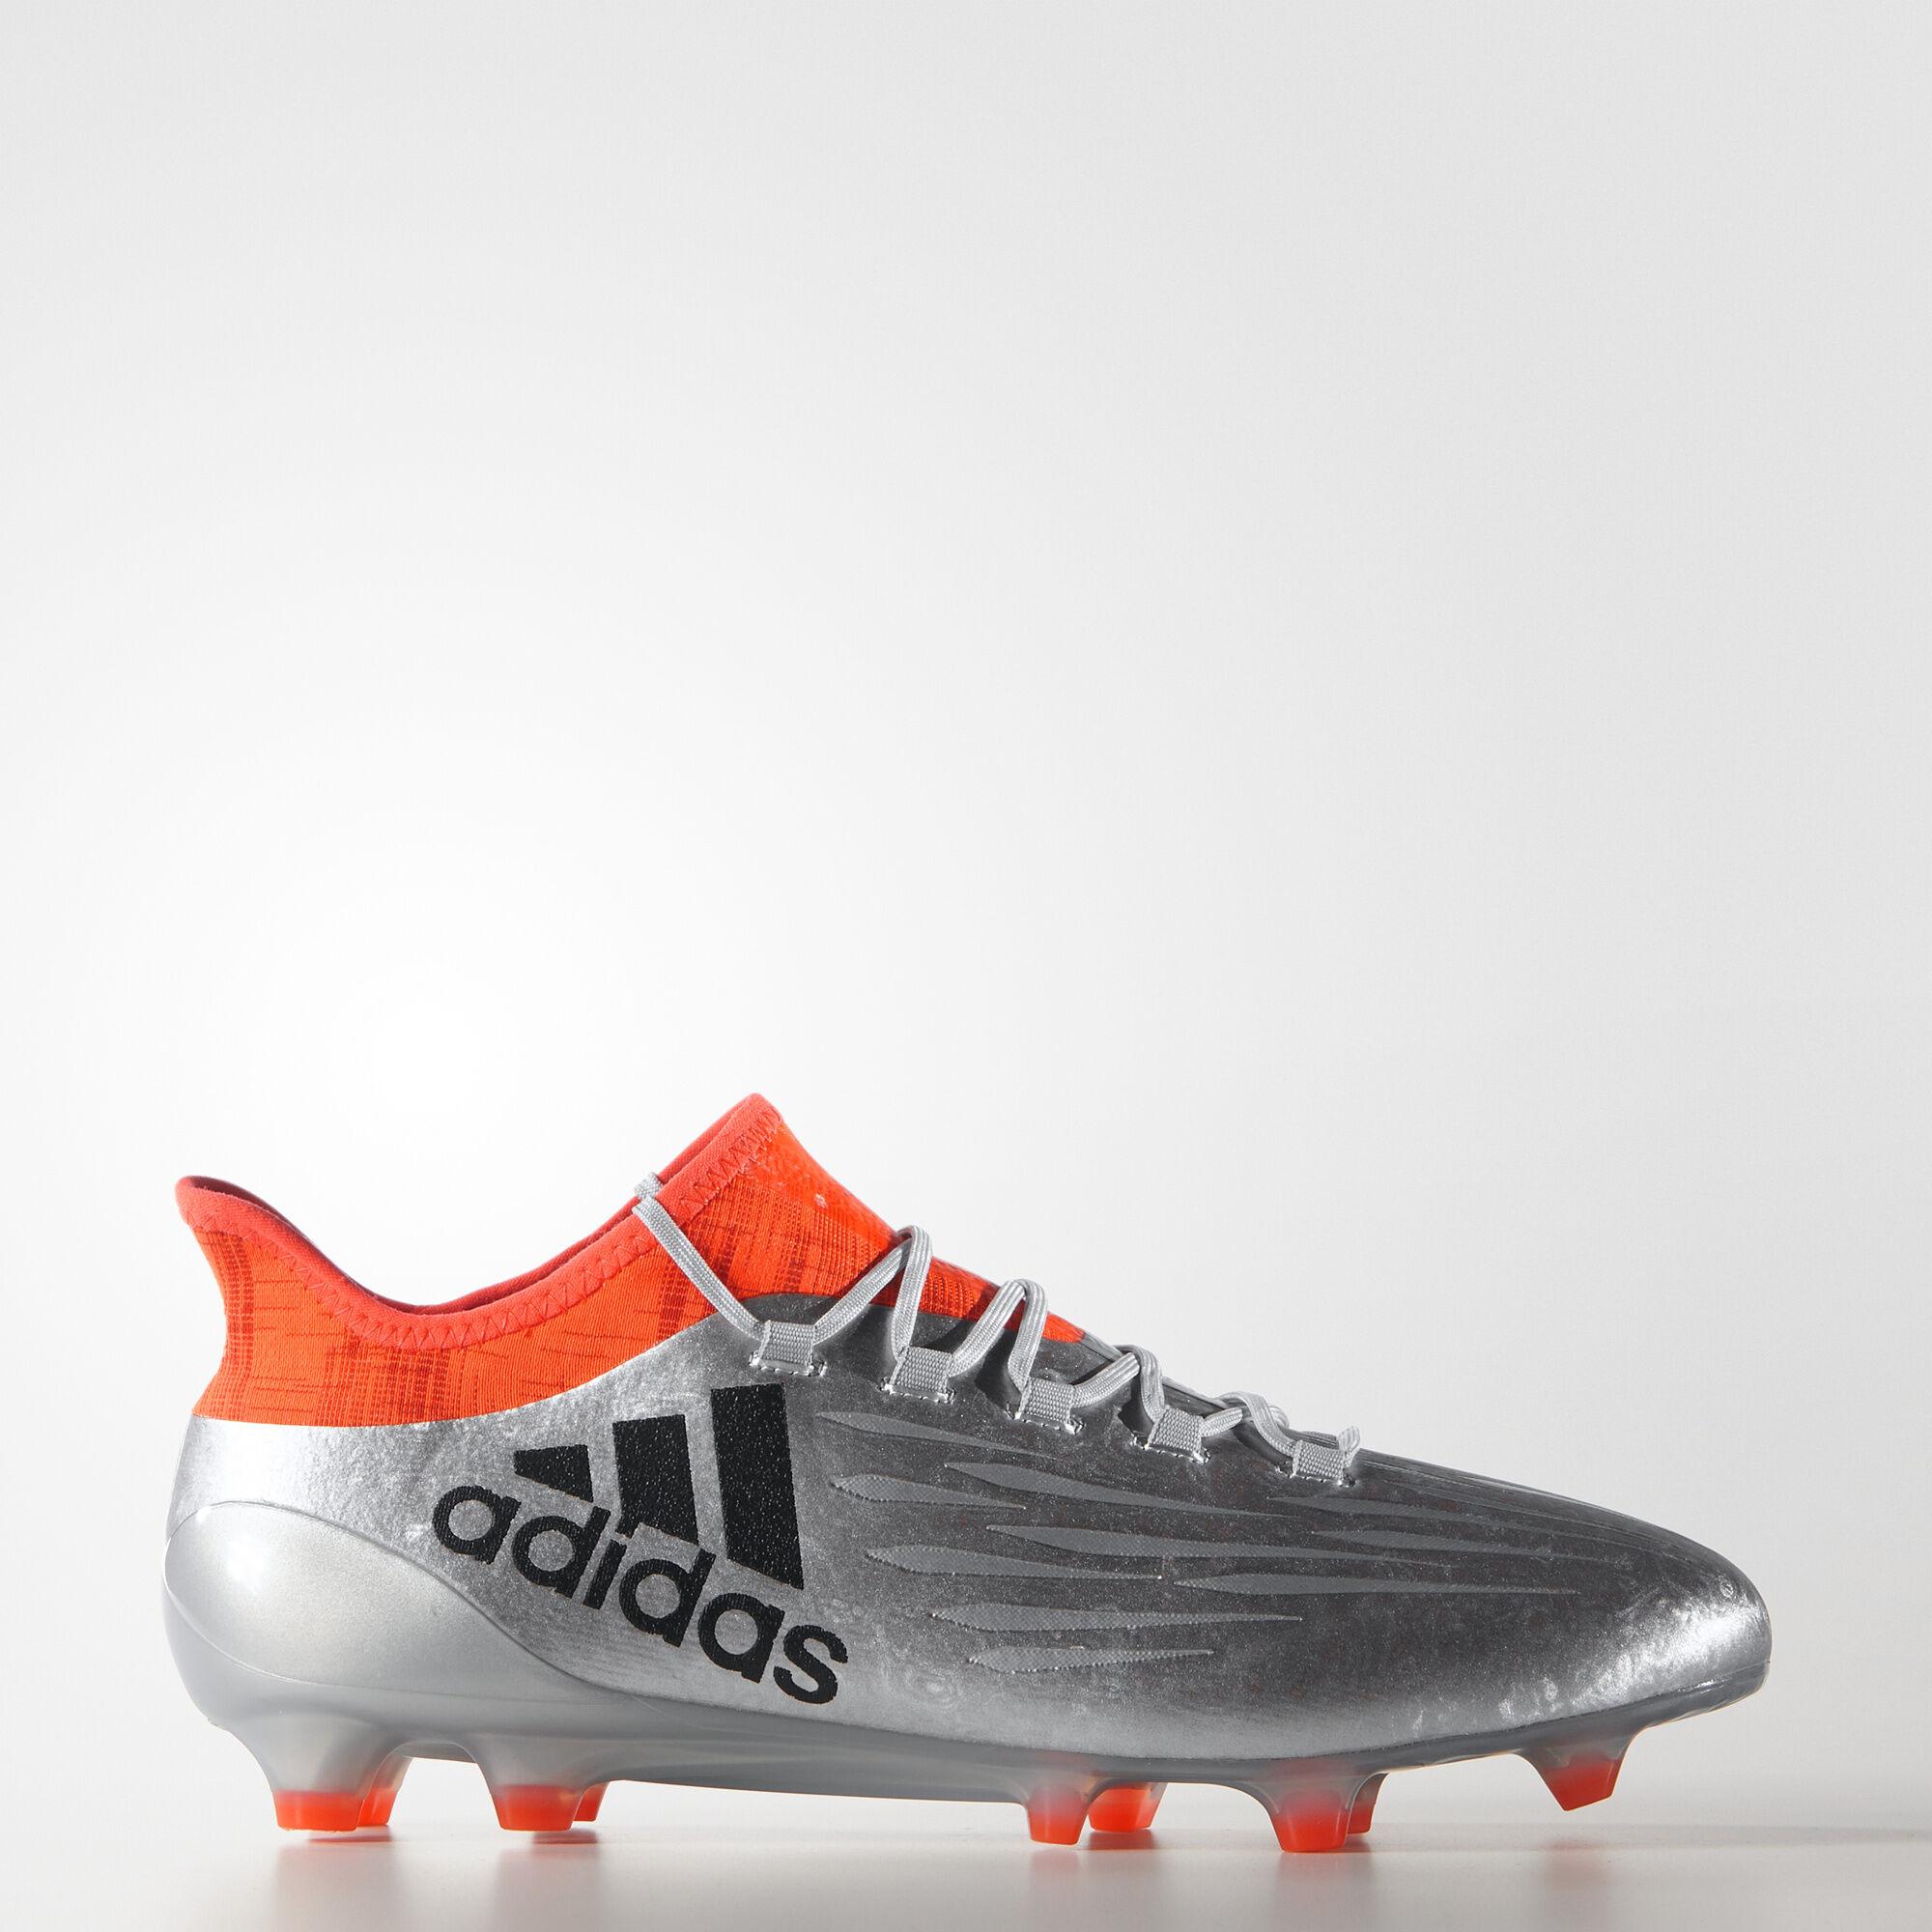 scarpe da calcio bambino adidas 165464. 87.99 €. 123